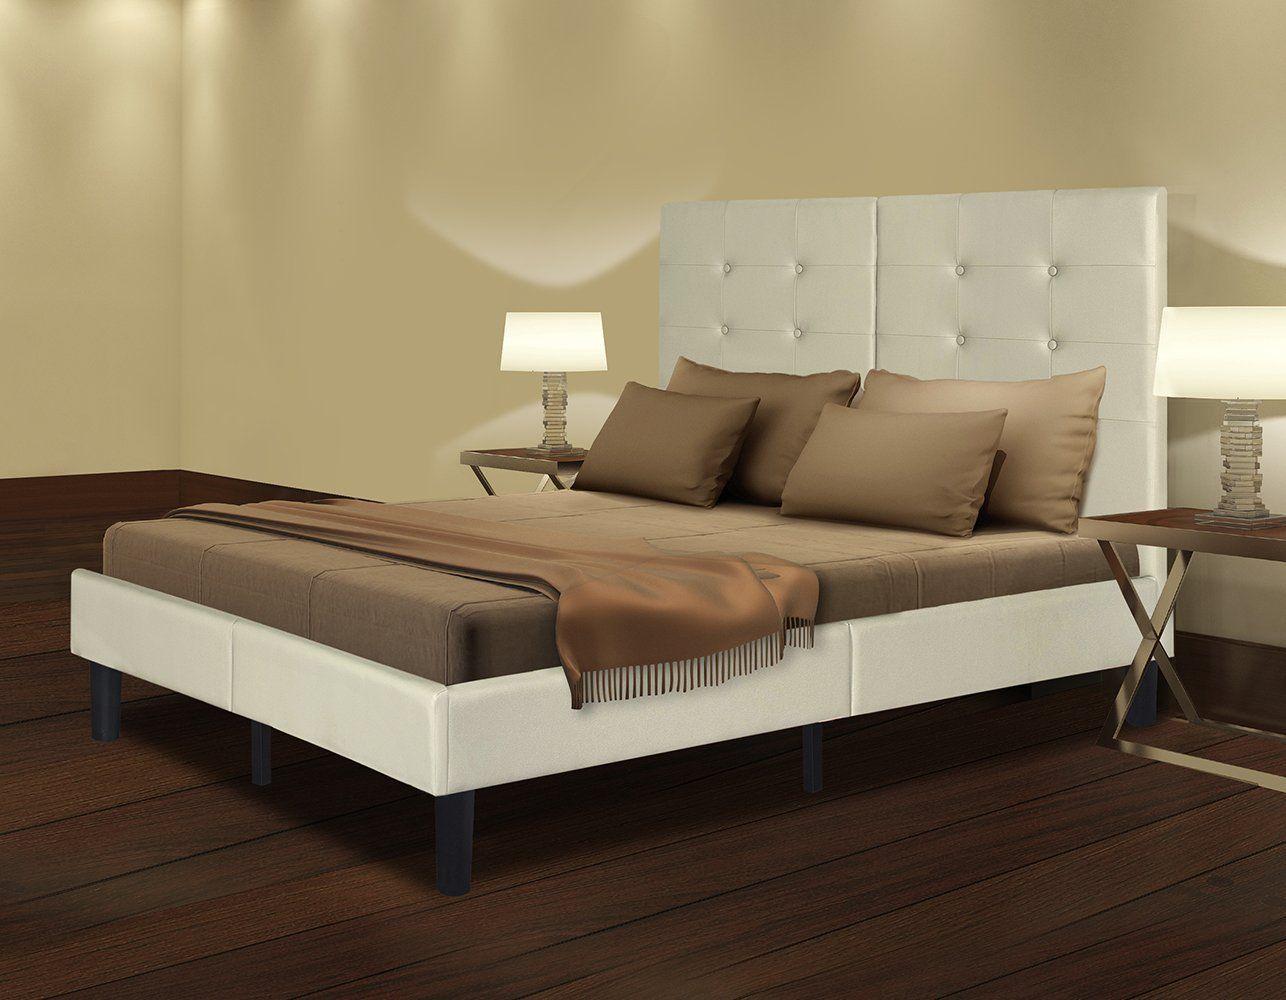 Olee Sleep Faux Leather Wood Slate Folding